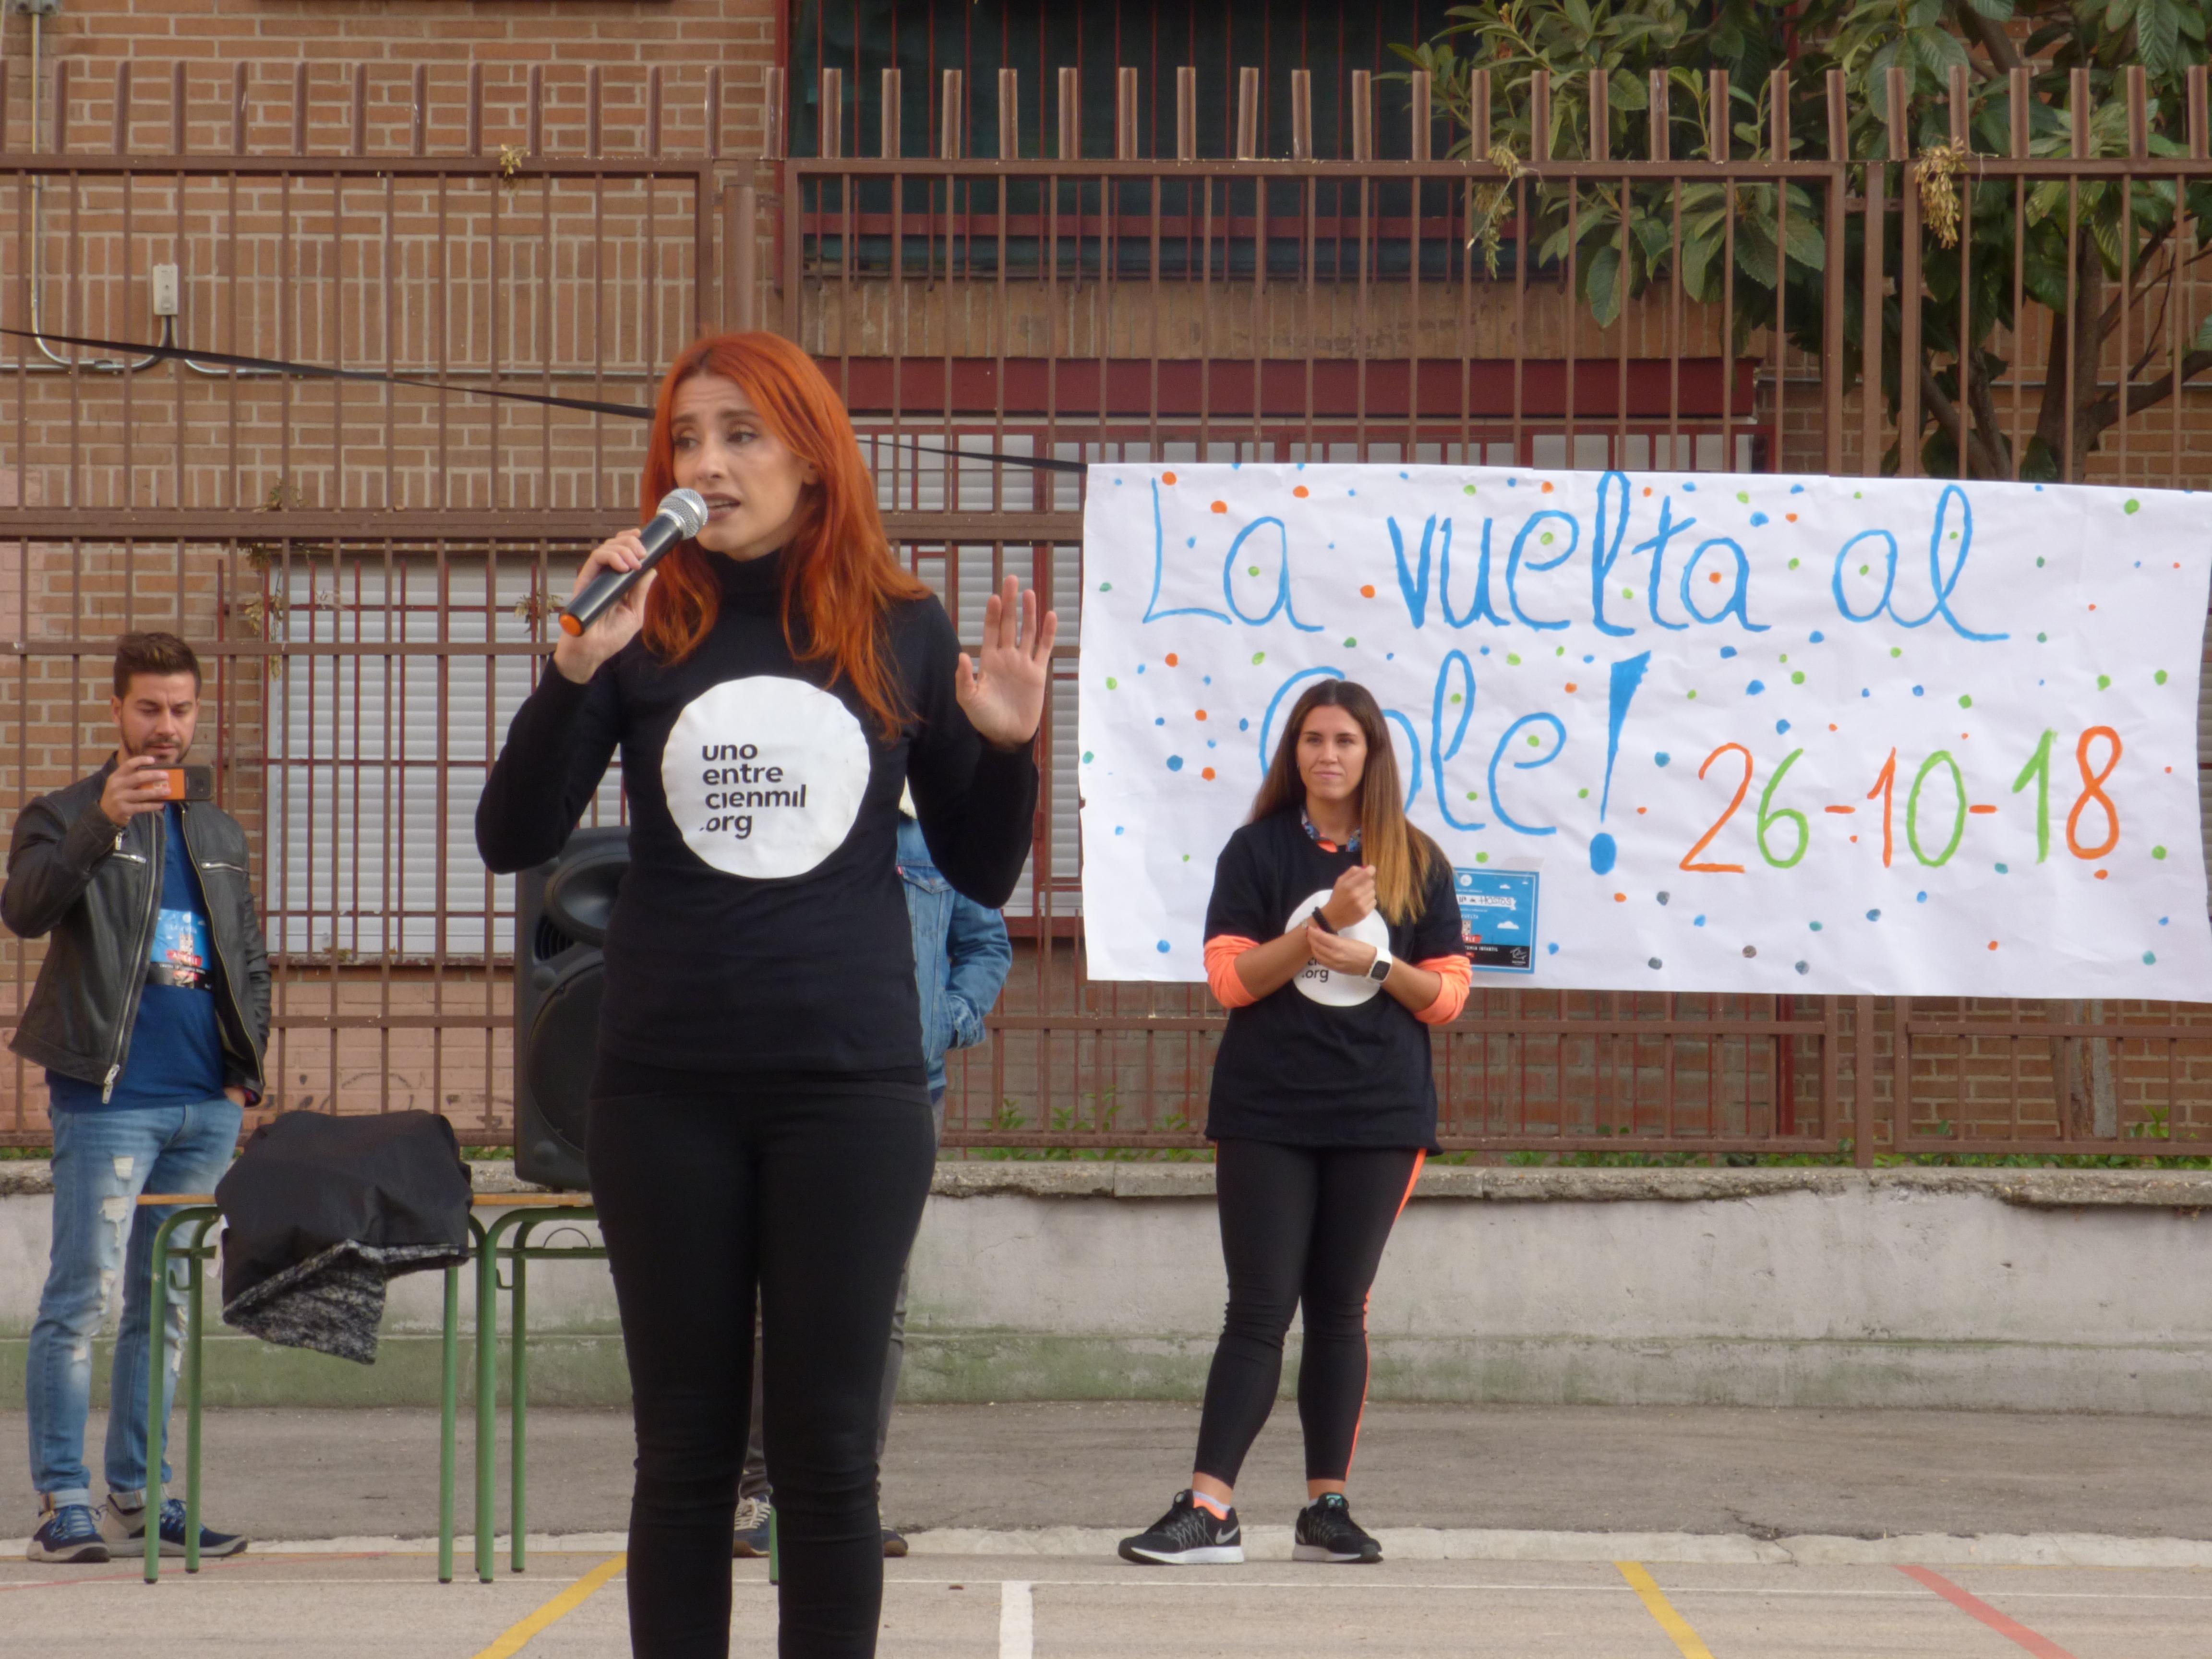 CARRERA UNO ENTRE CIEN MIL.- CONTRA EL CANCER (21)